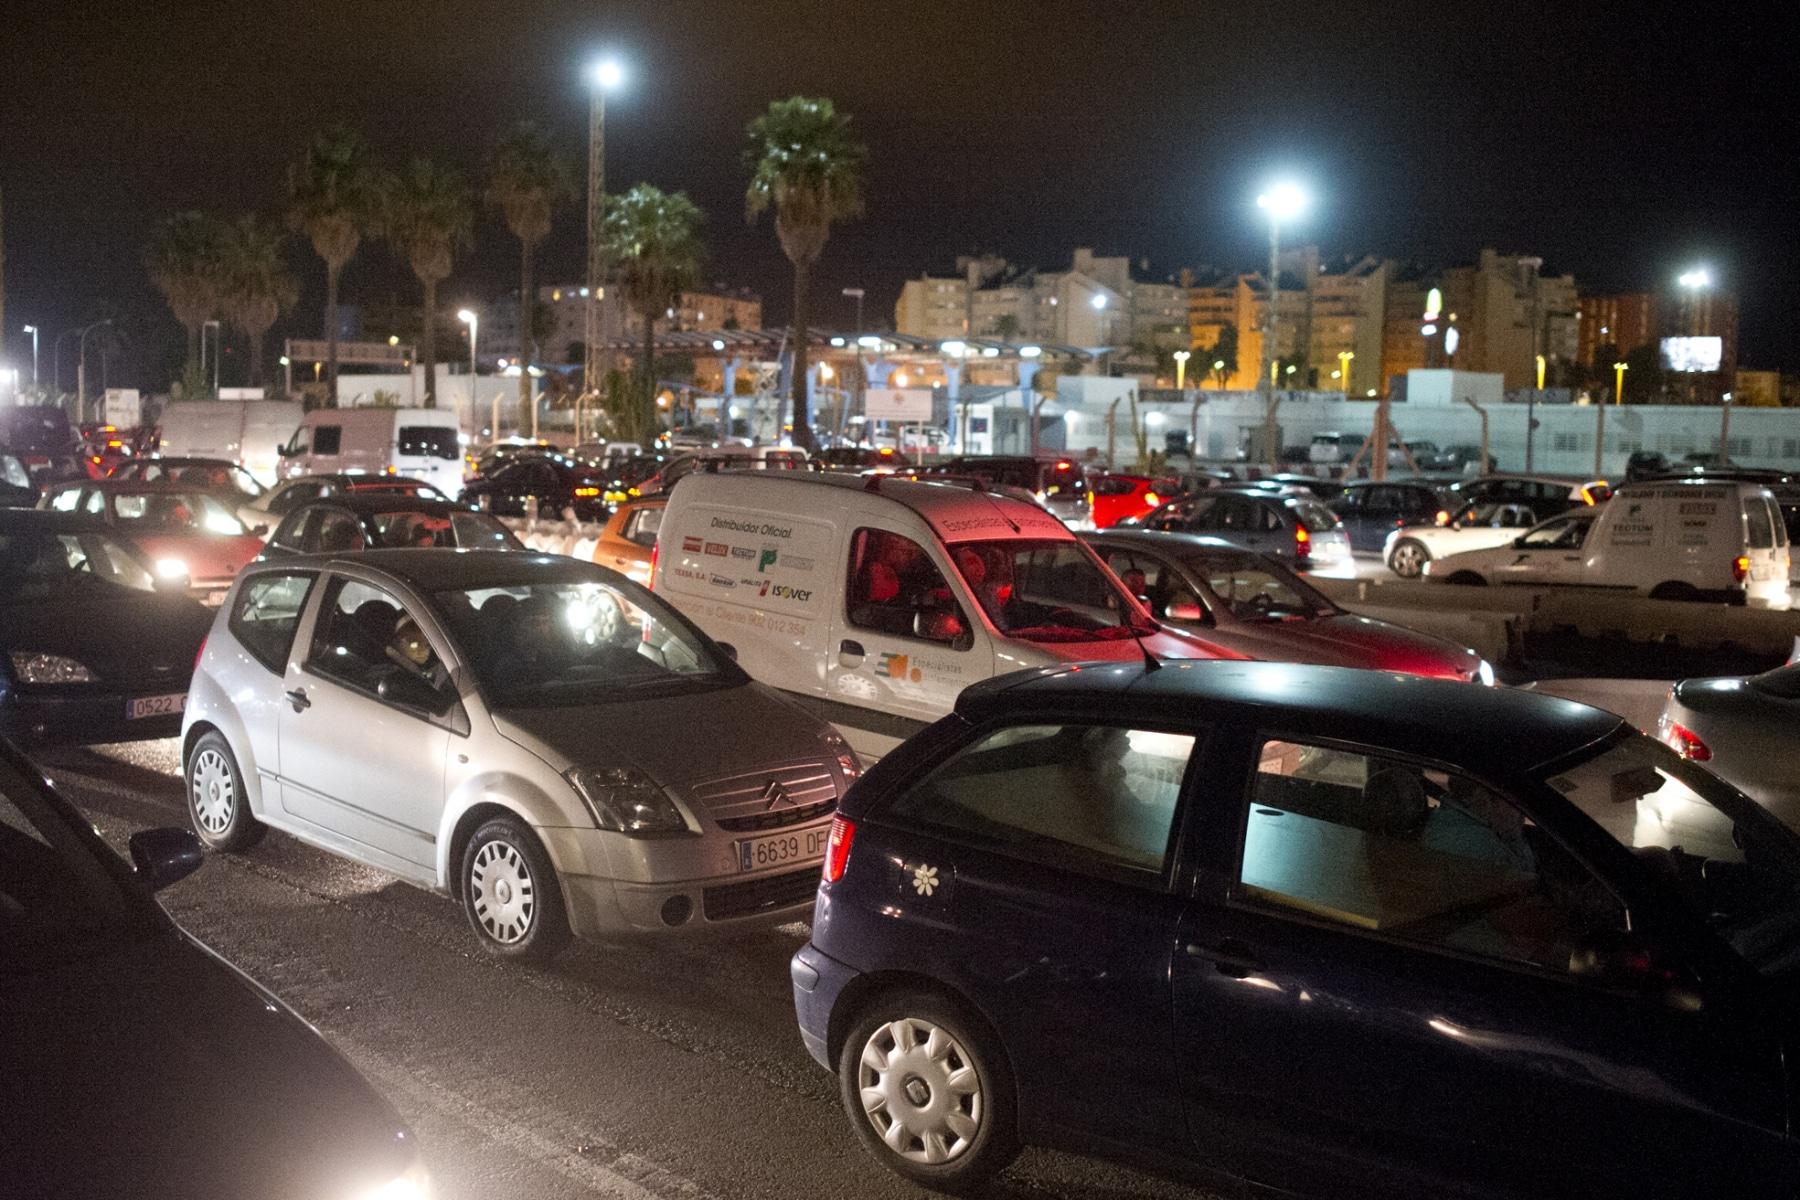 25-noviember-2014-cola-de-salida-gibraltar-10_15881855402_o